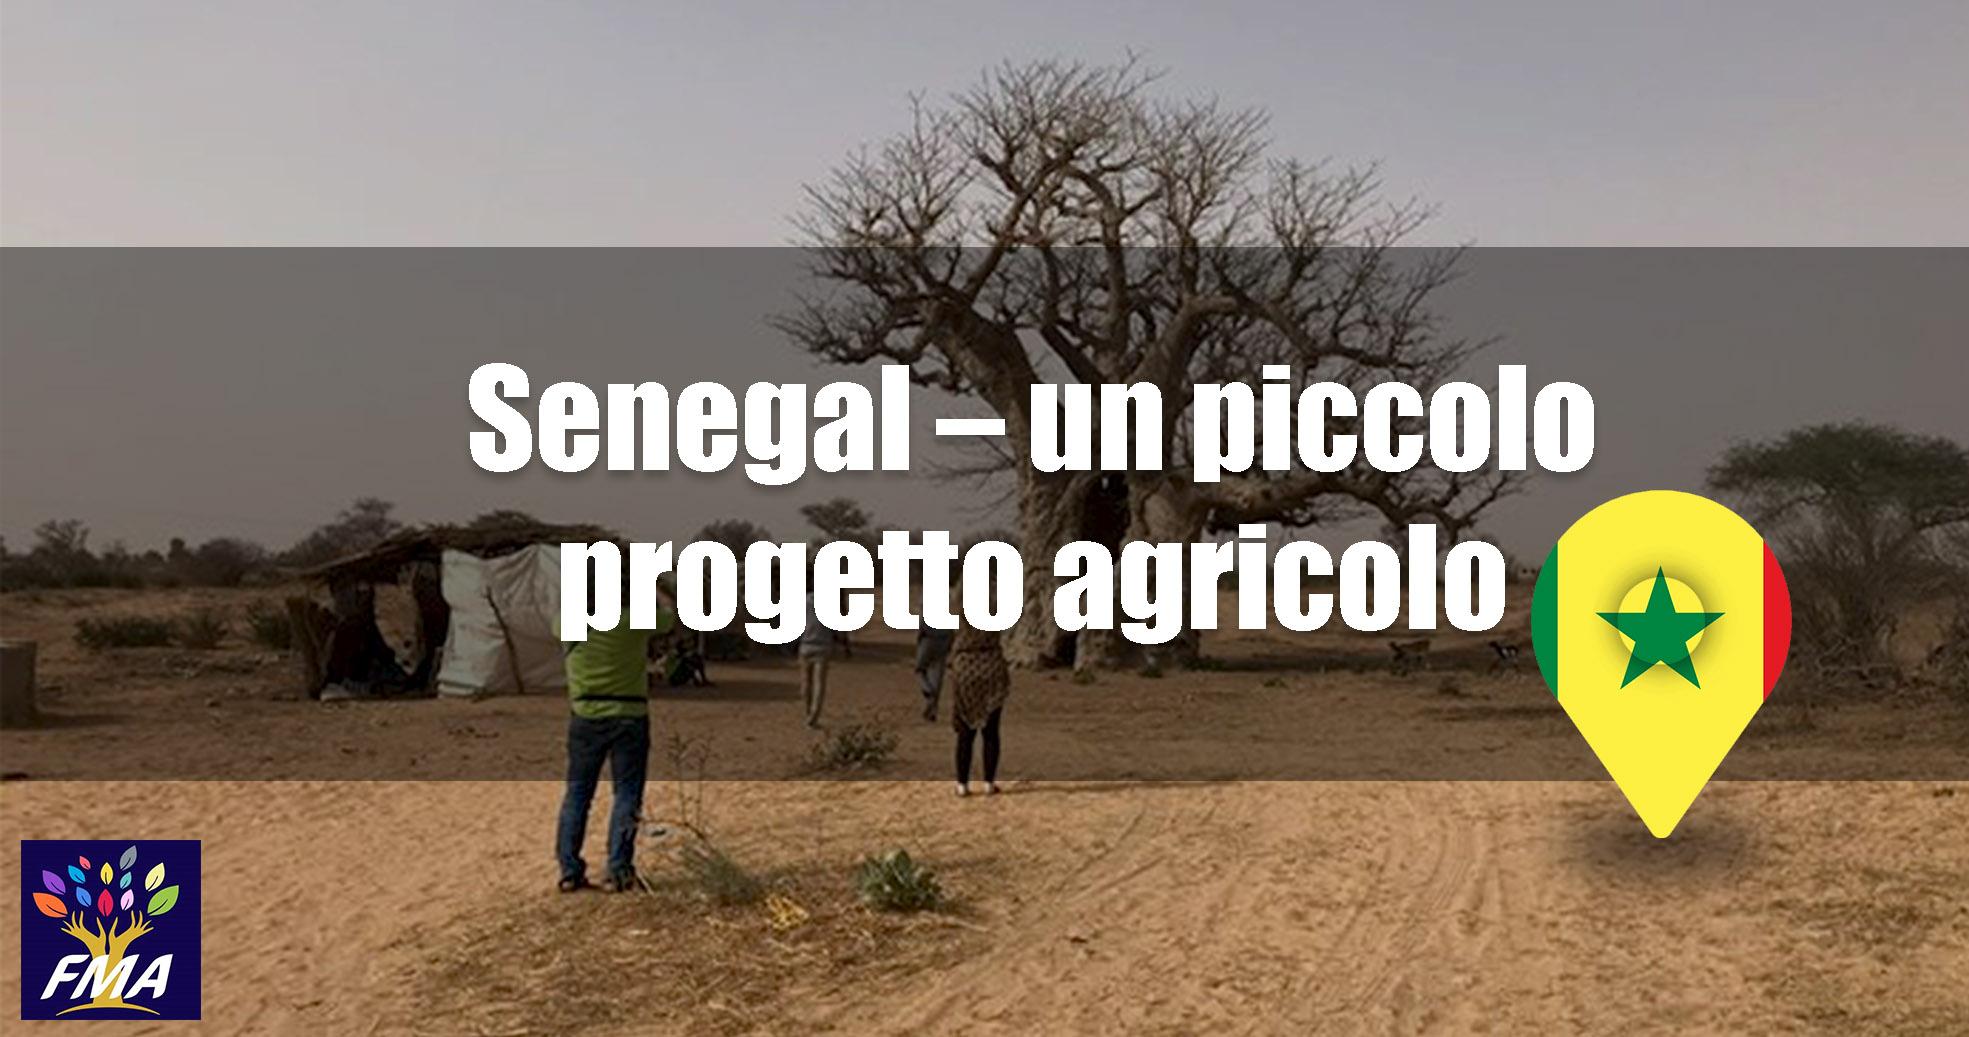 Senegal – Un piccolo progetto agricolo